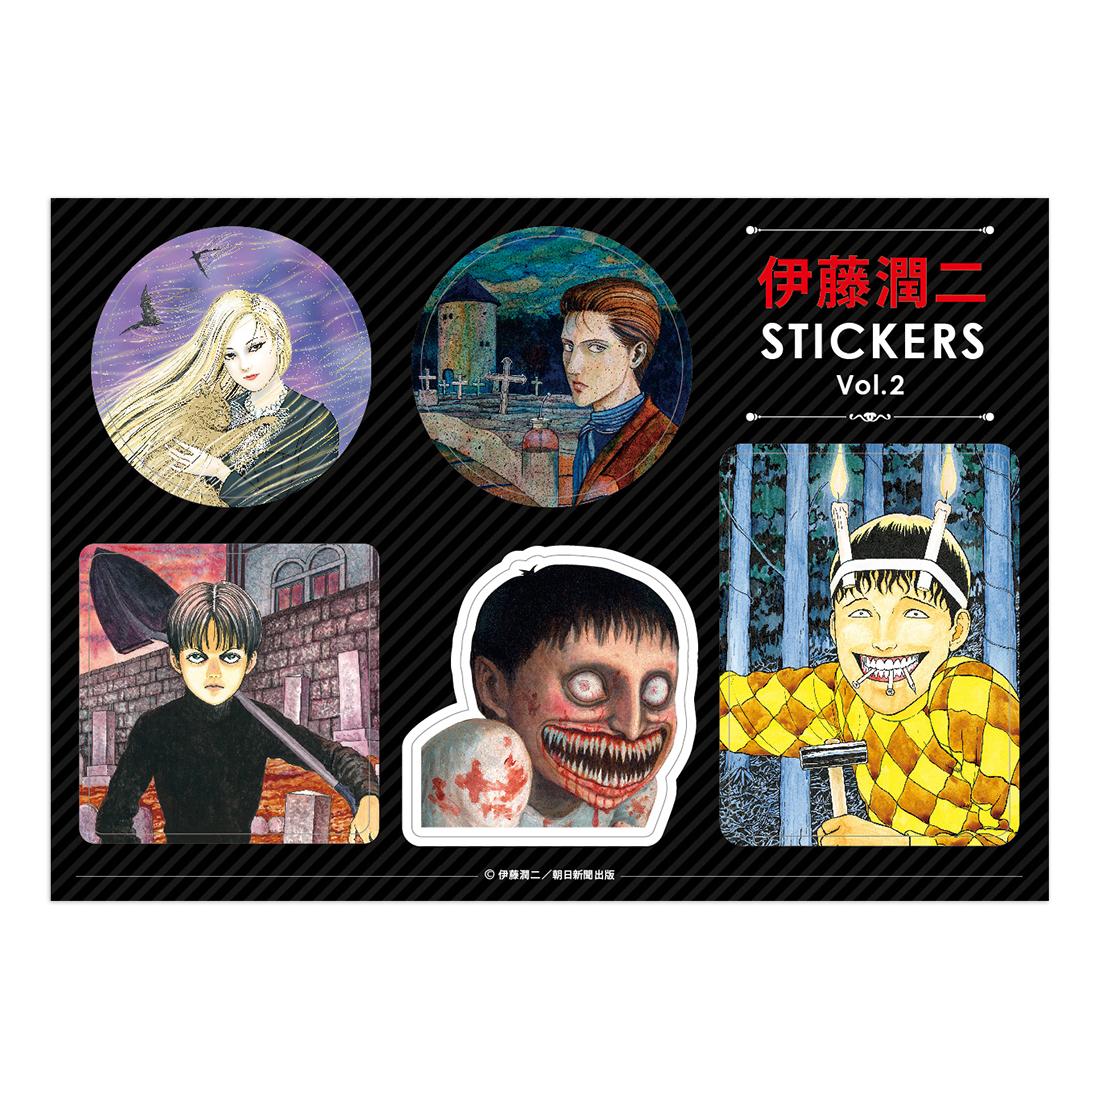 伊藤潤二 ステッカー 2 怪しげな男たち+百夜京子, ITO Junji Sticker 2